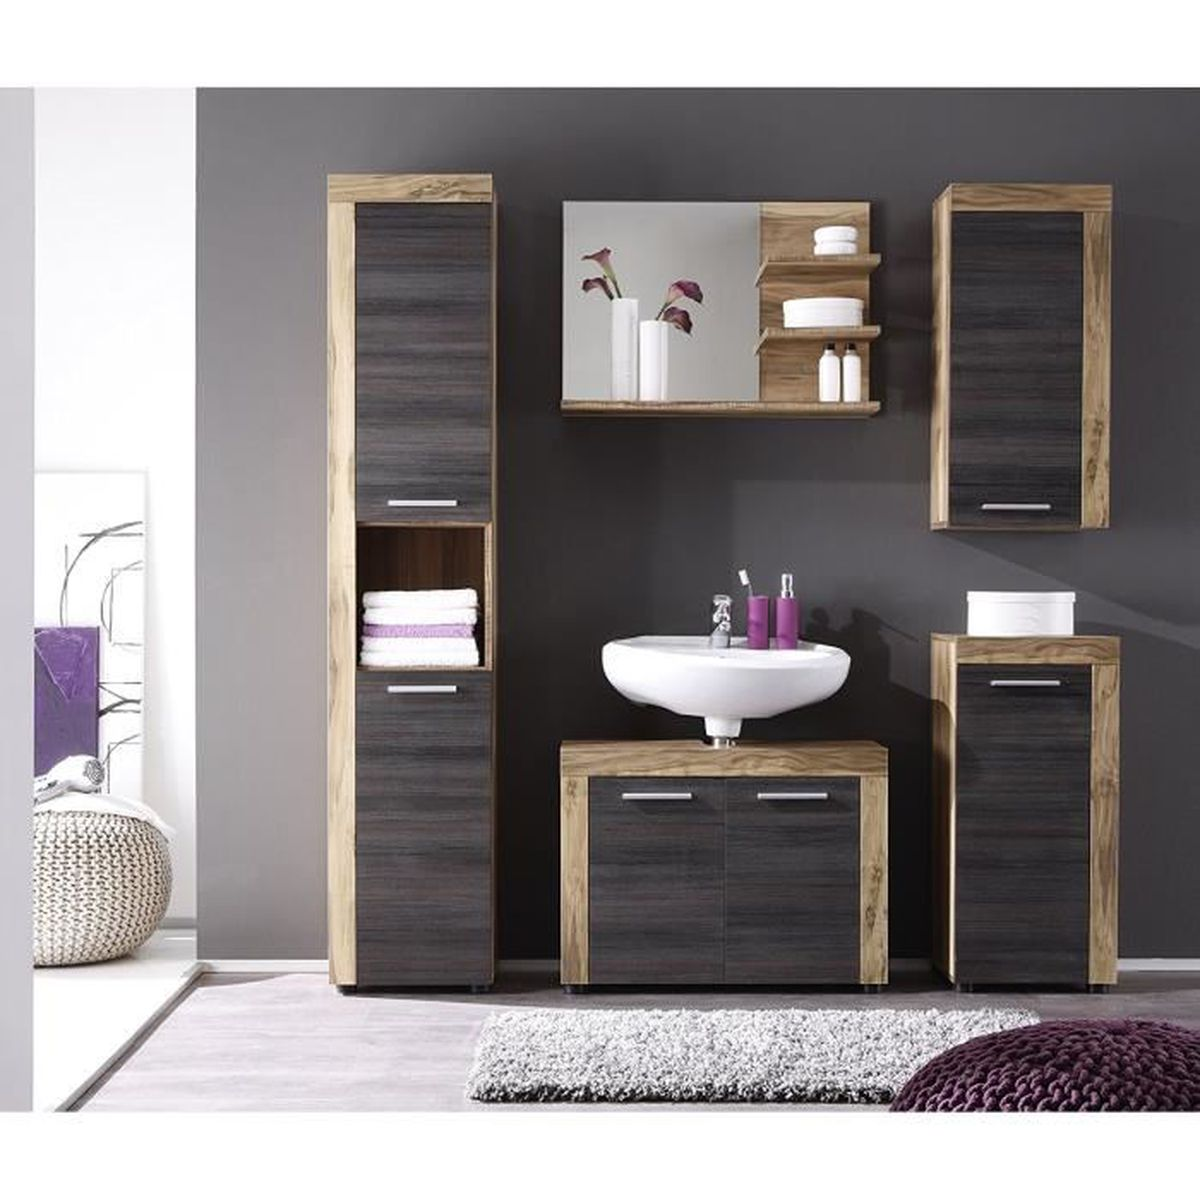 Ensemble 5 meubles de salle de bain noyer finition satin e - Ensemble salle de bain ikea ...